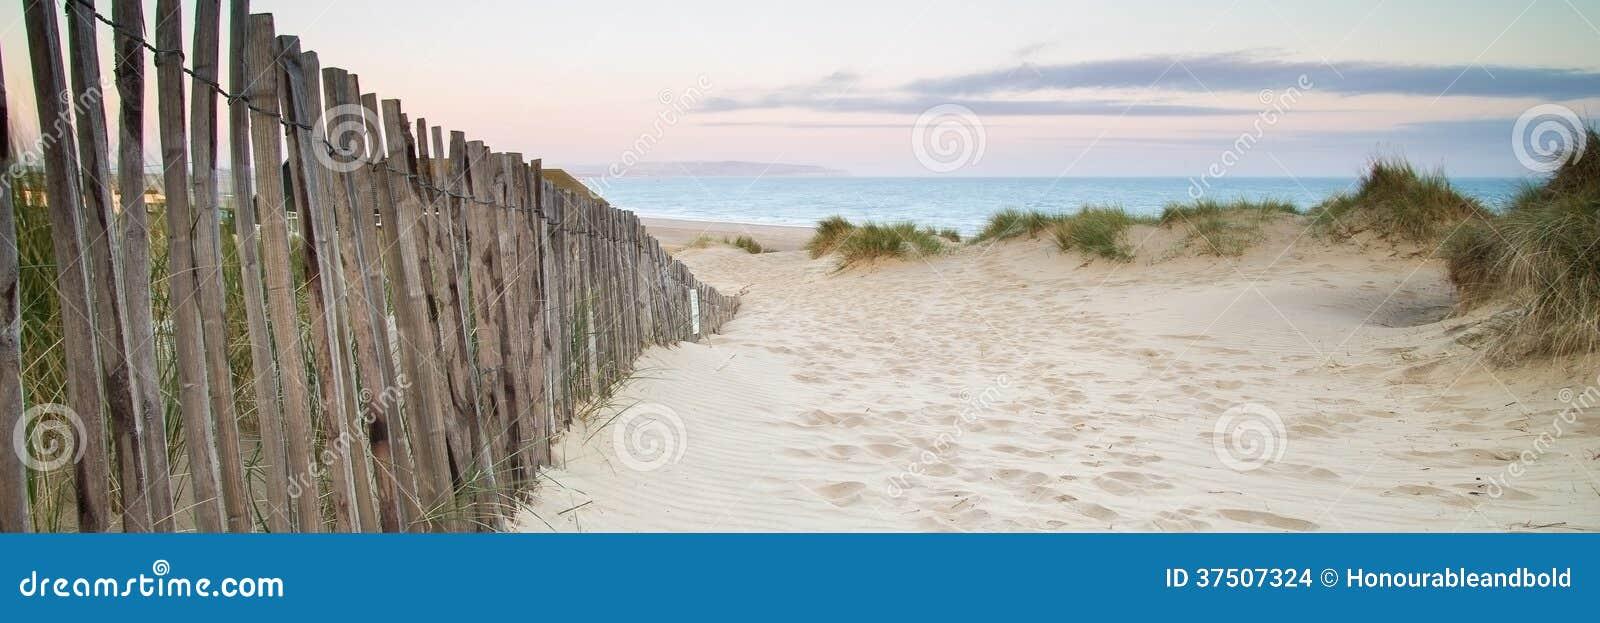 Τοπίο πανοράματος του συστήματος αμμόλοφων άμμου στην παραλία στην ανατολή